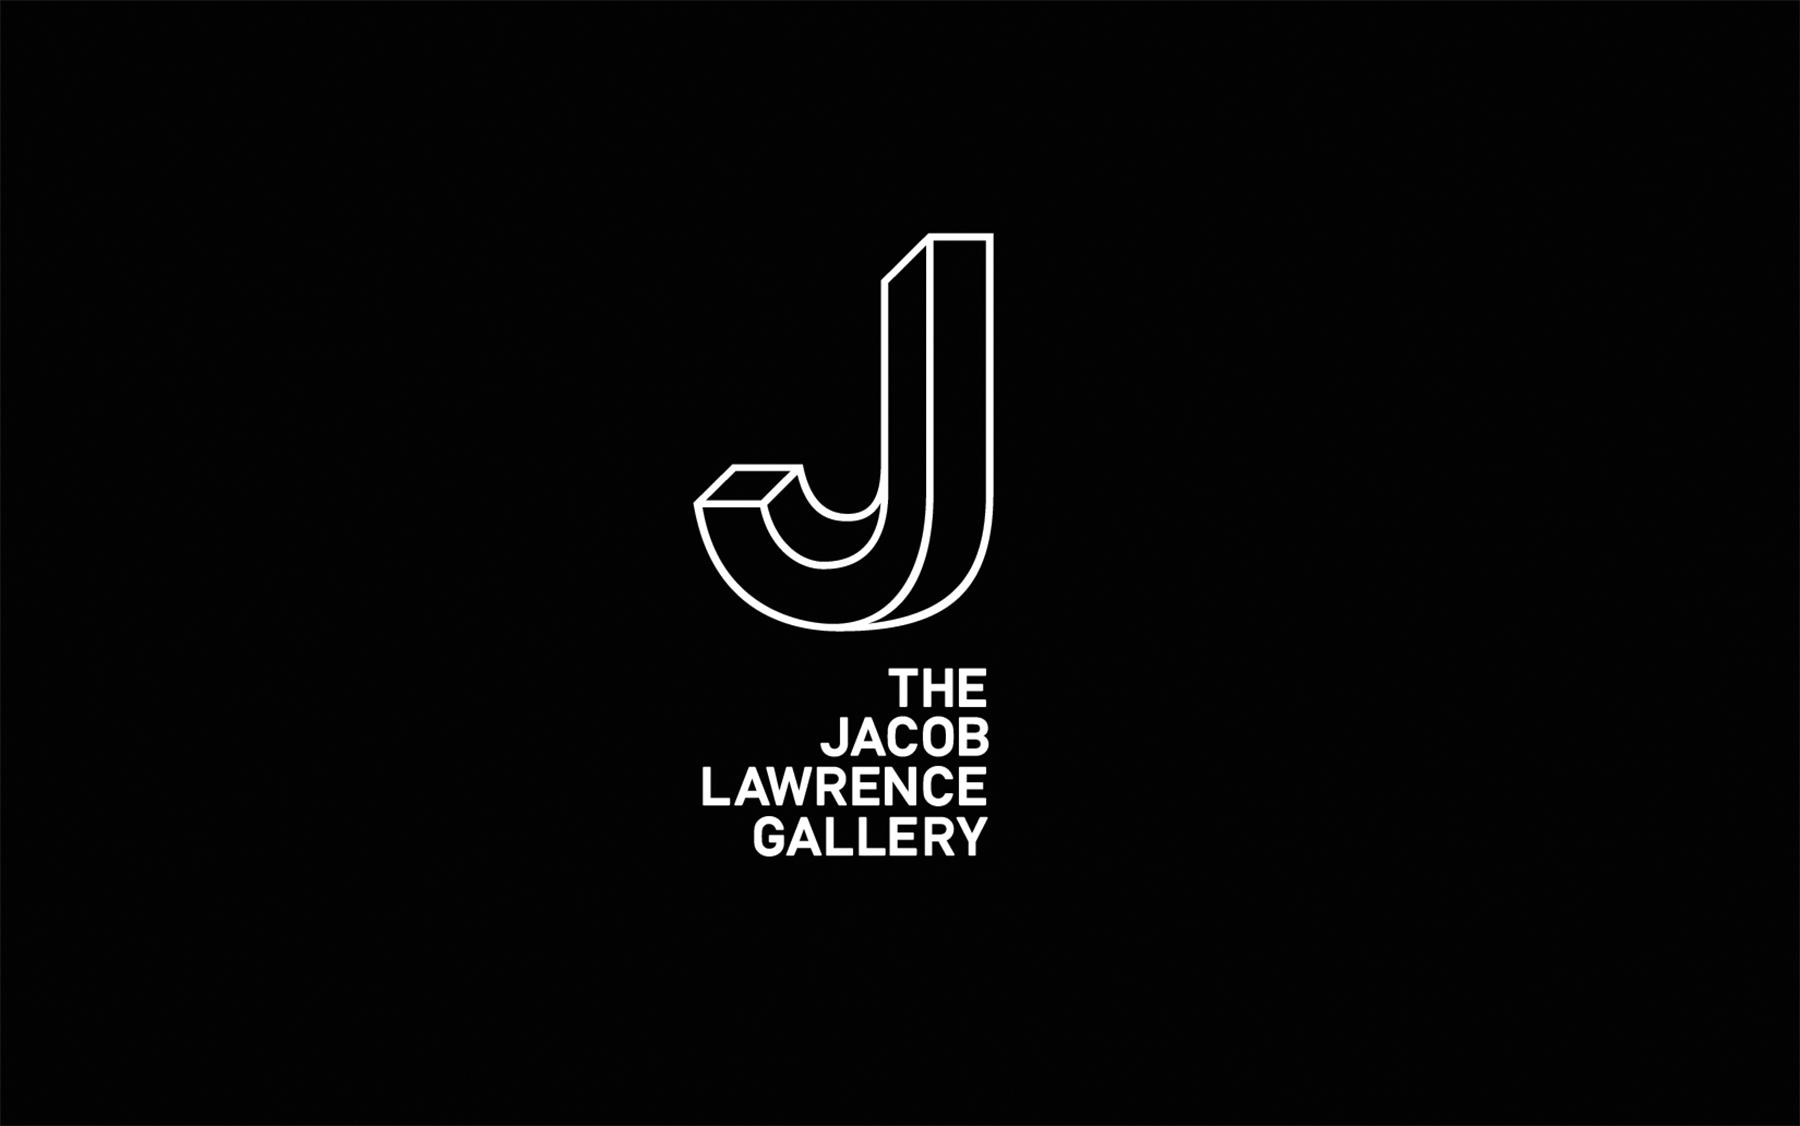 JacobLawrenceGallery_StudioMatthews_01.jpeg